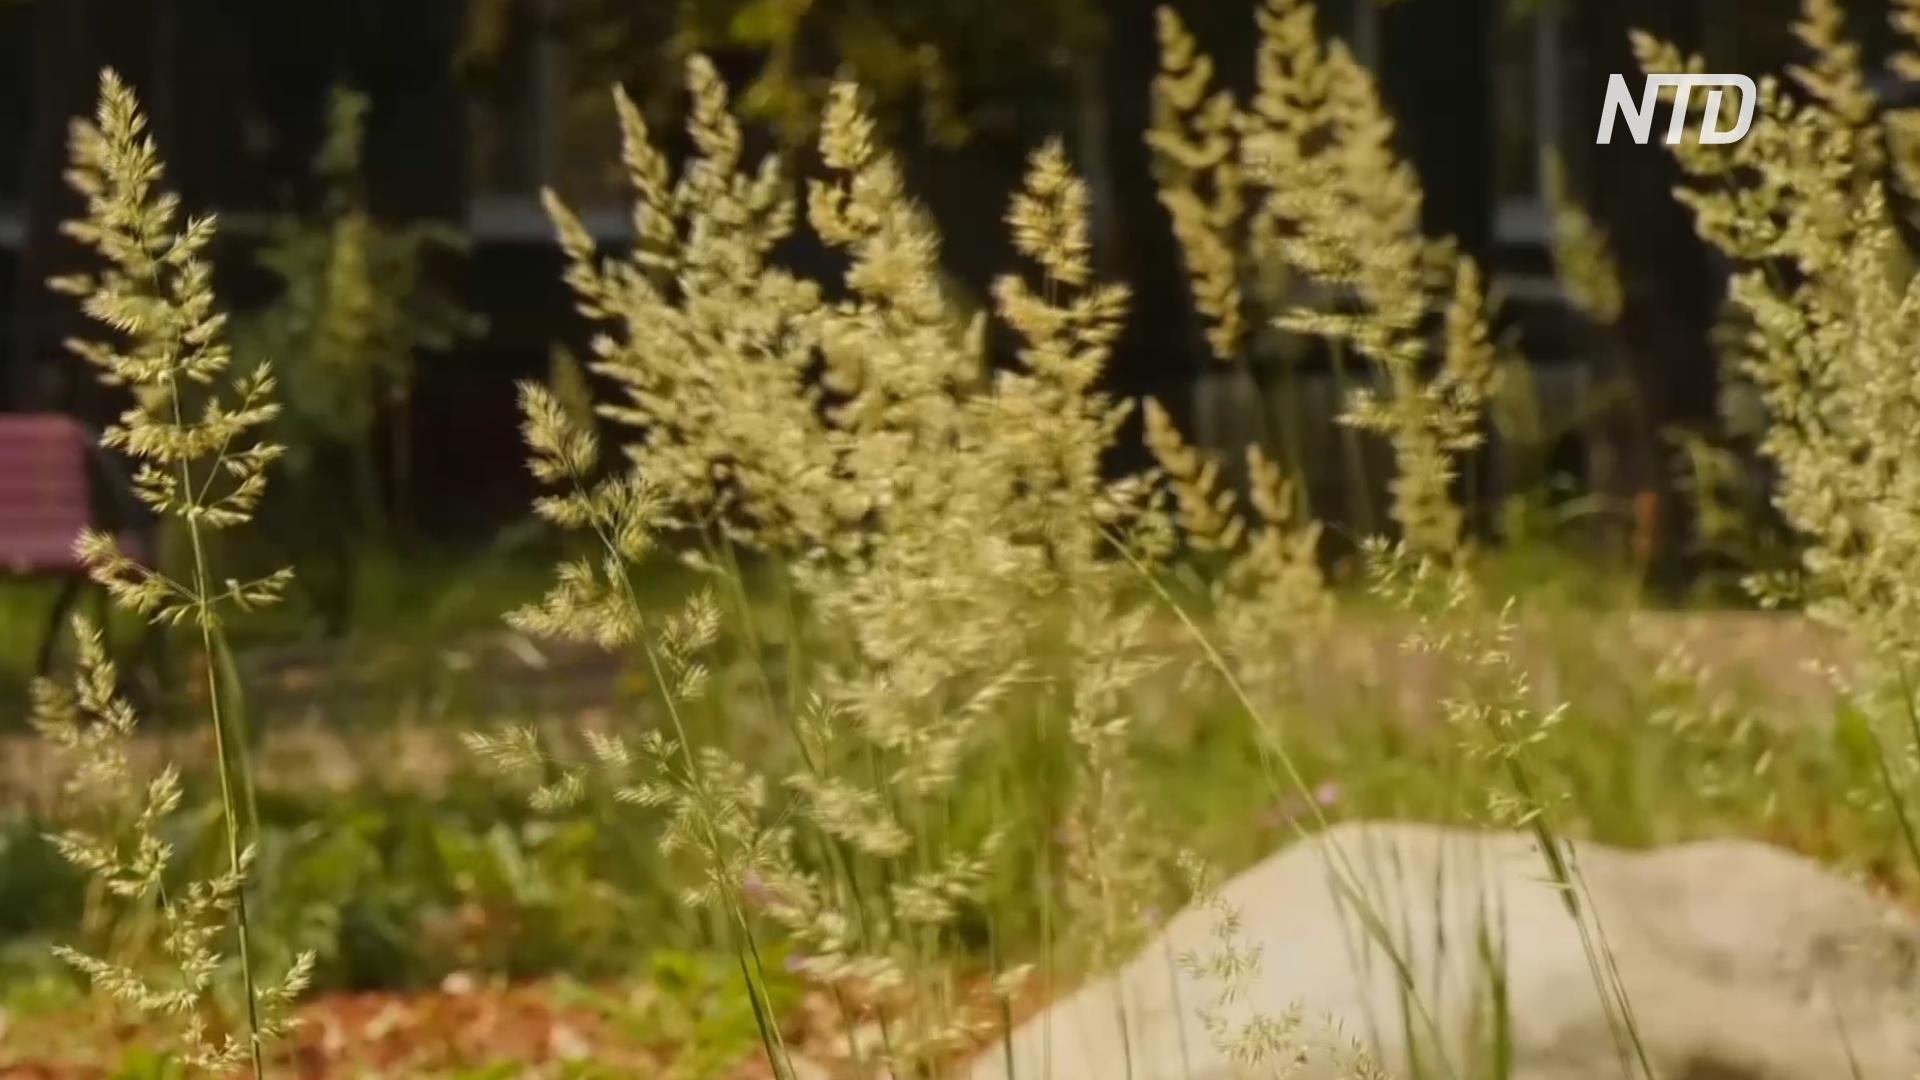 Мини-сады с полевыми цветами улучшат жизнь бабочек и пчёл в Москве